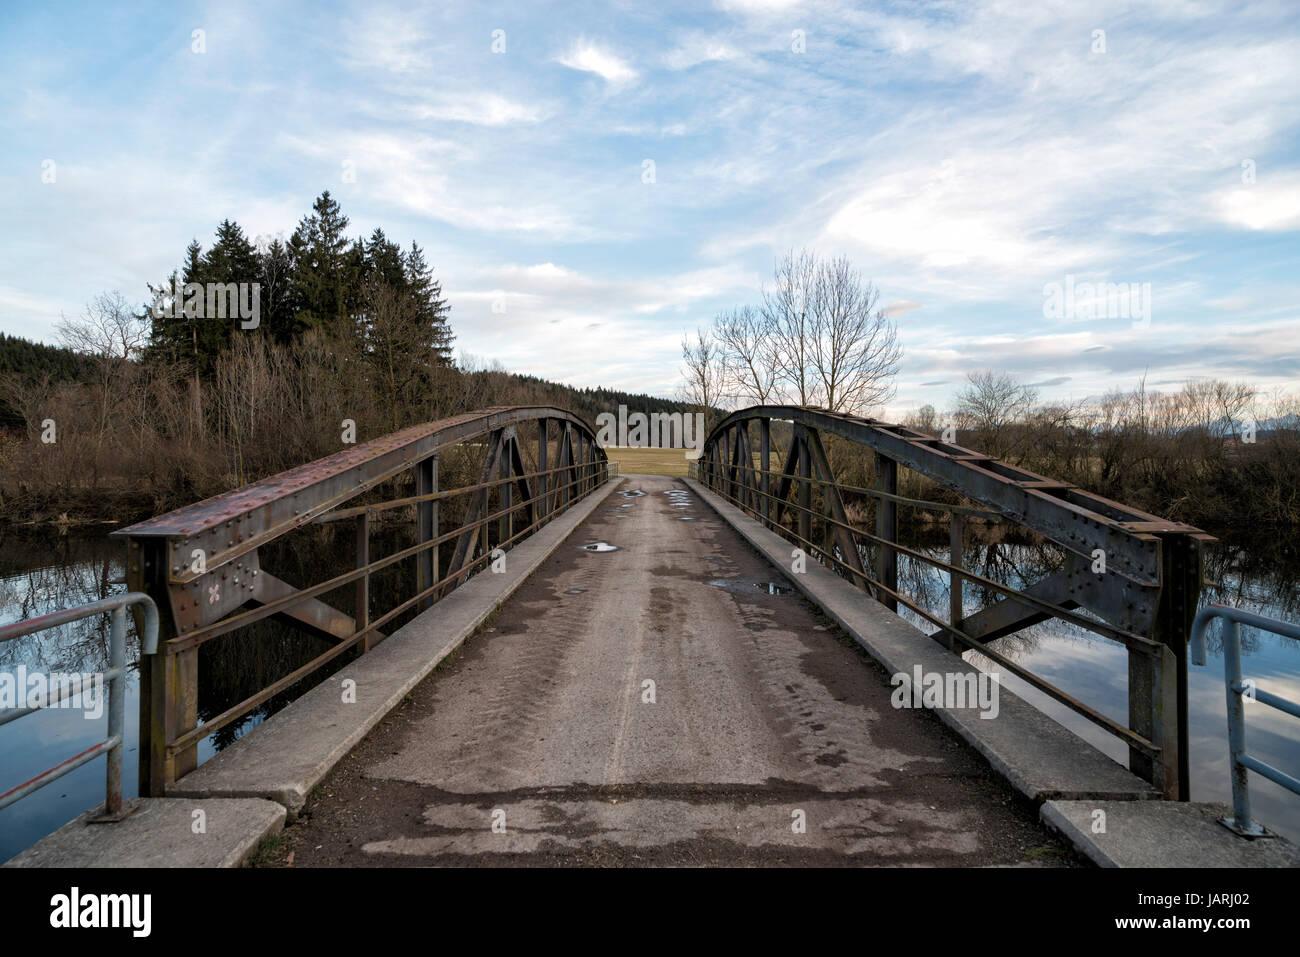 Brücke Über Die Wertach bin Heubrückenweg Beim Bachtelsee, Biessenhofen, Bayern, Deutschland. Brücke Stockbild